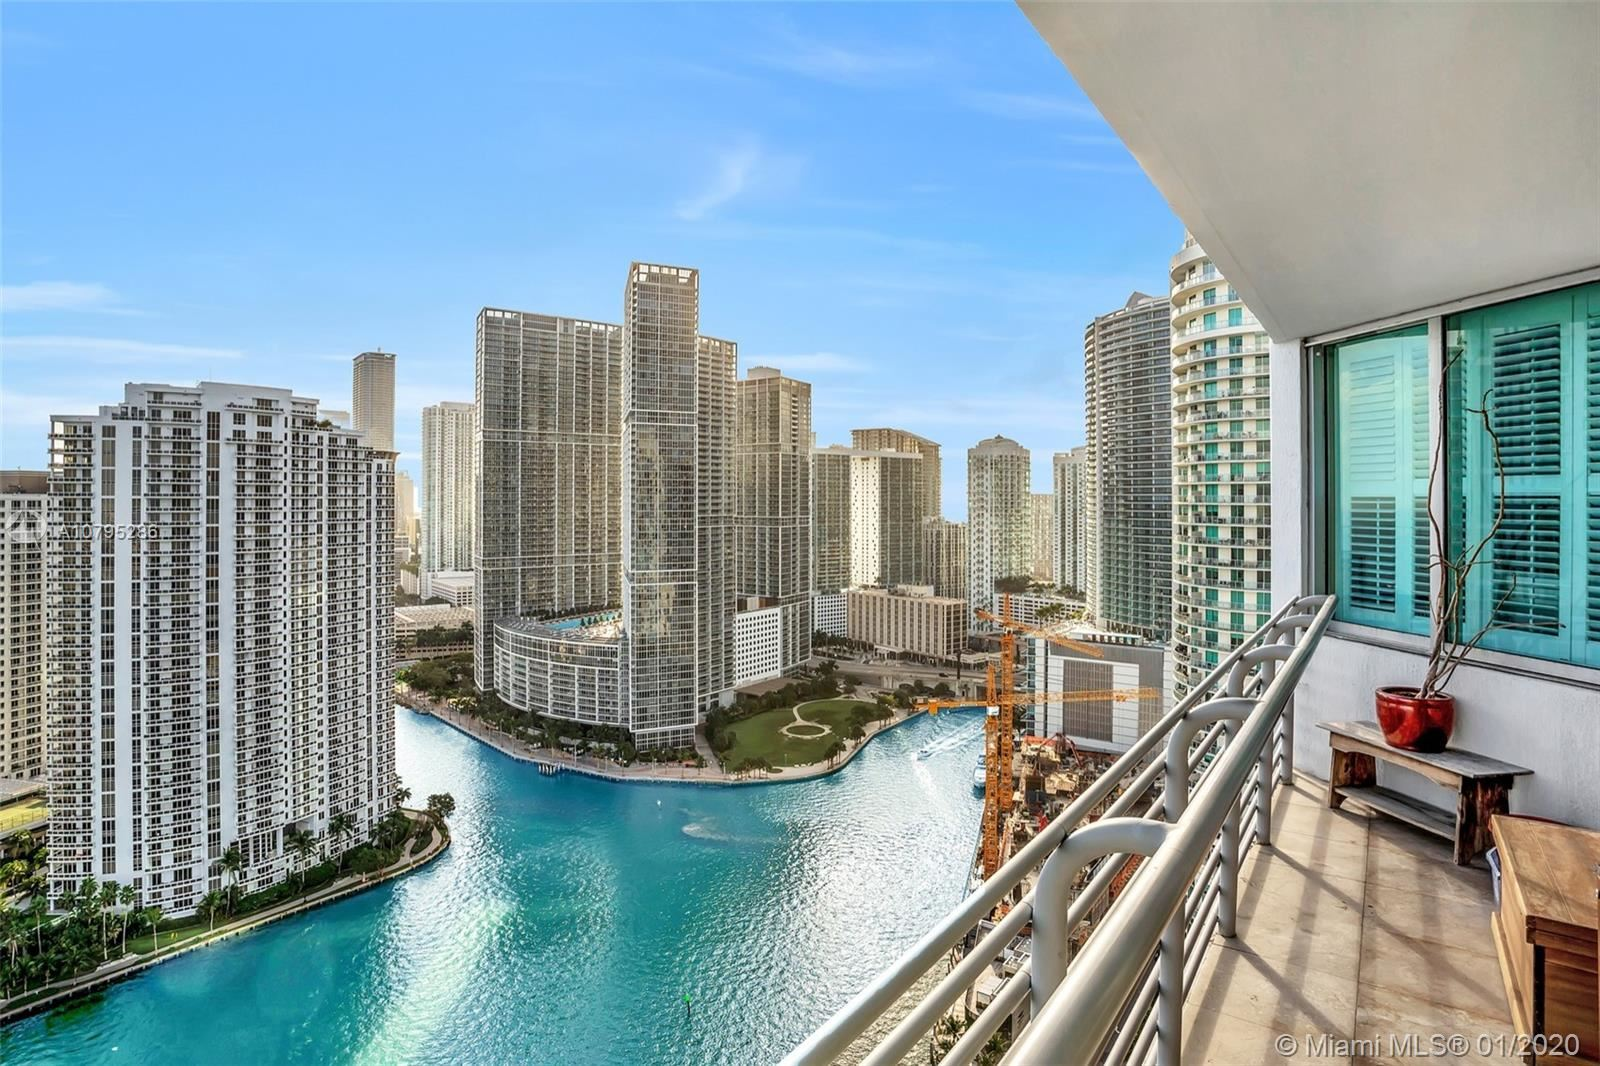 325 S Biscayne Blvd #3521, Miami, FL 33131 - MLS#: A10795286